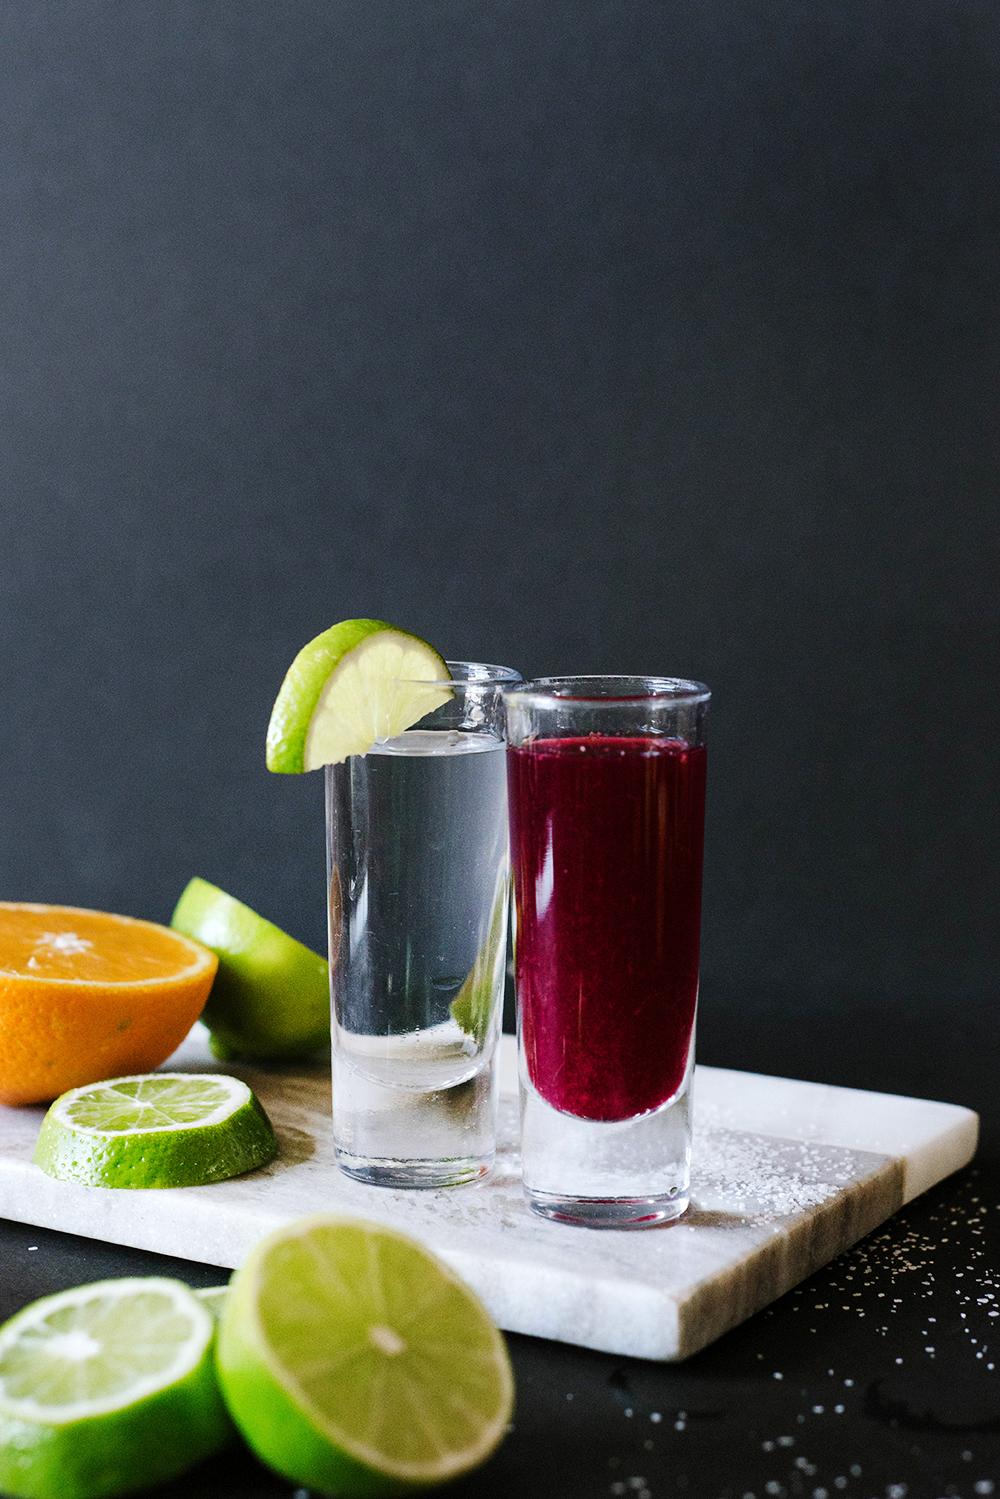 web_food_drink_31.jpg